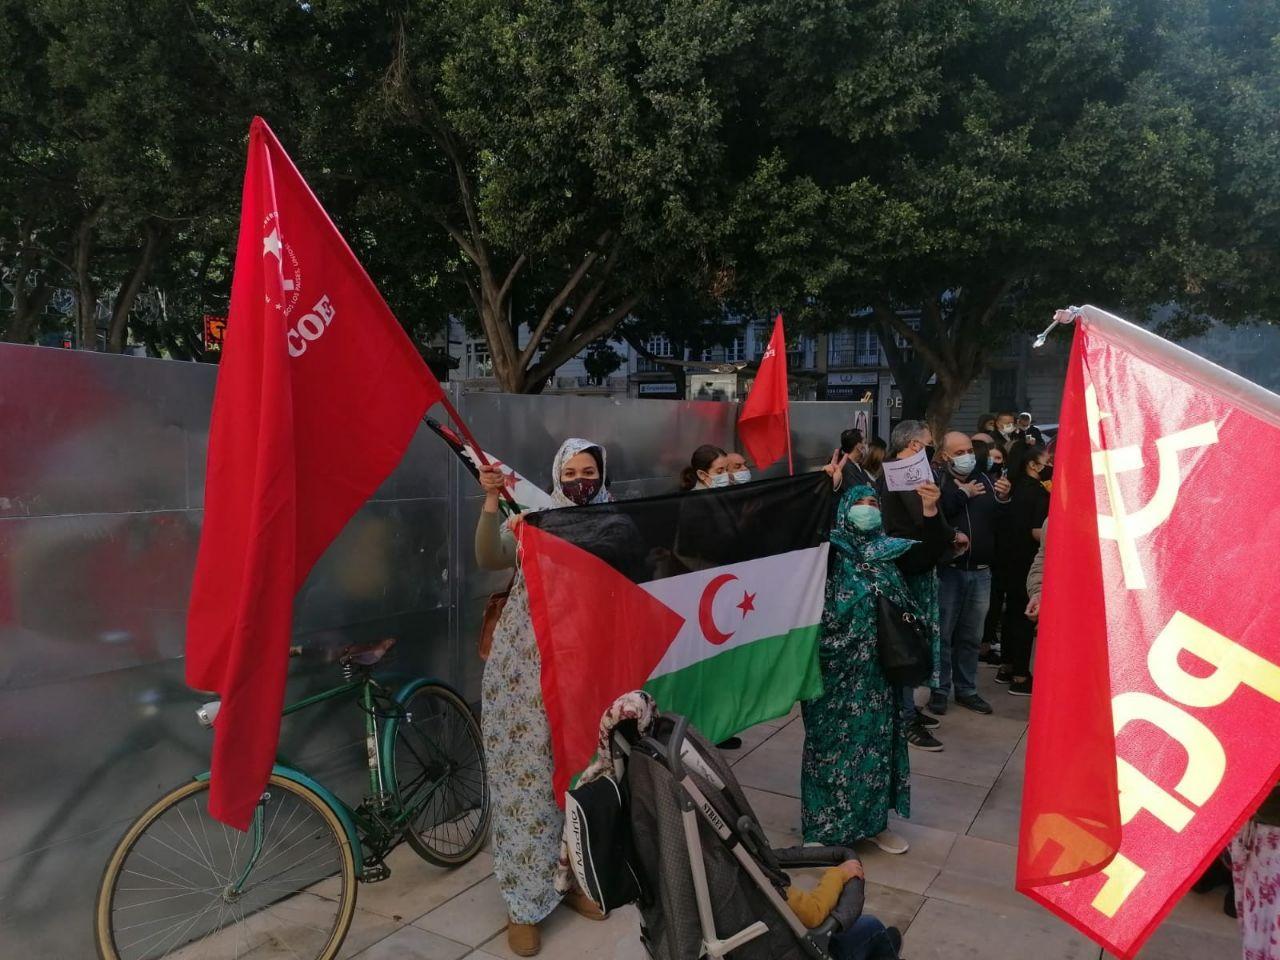 El PCOE en solidaridad con el Sáhara Occidental